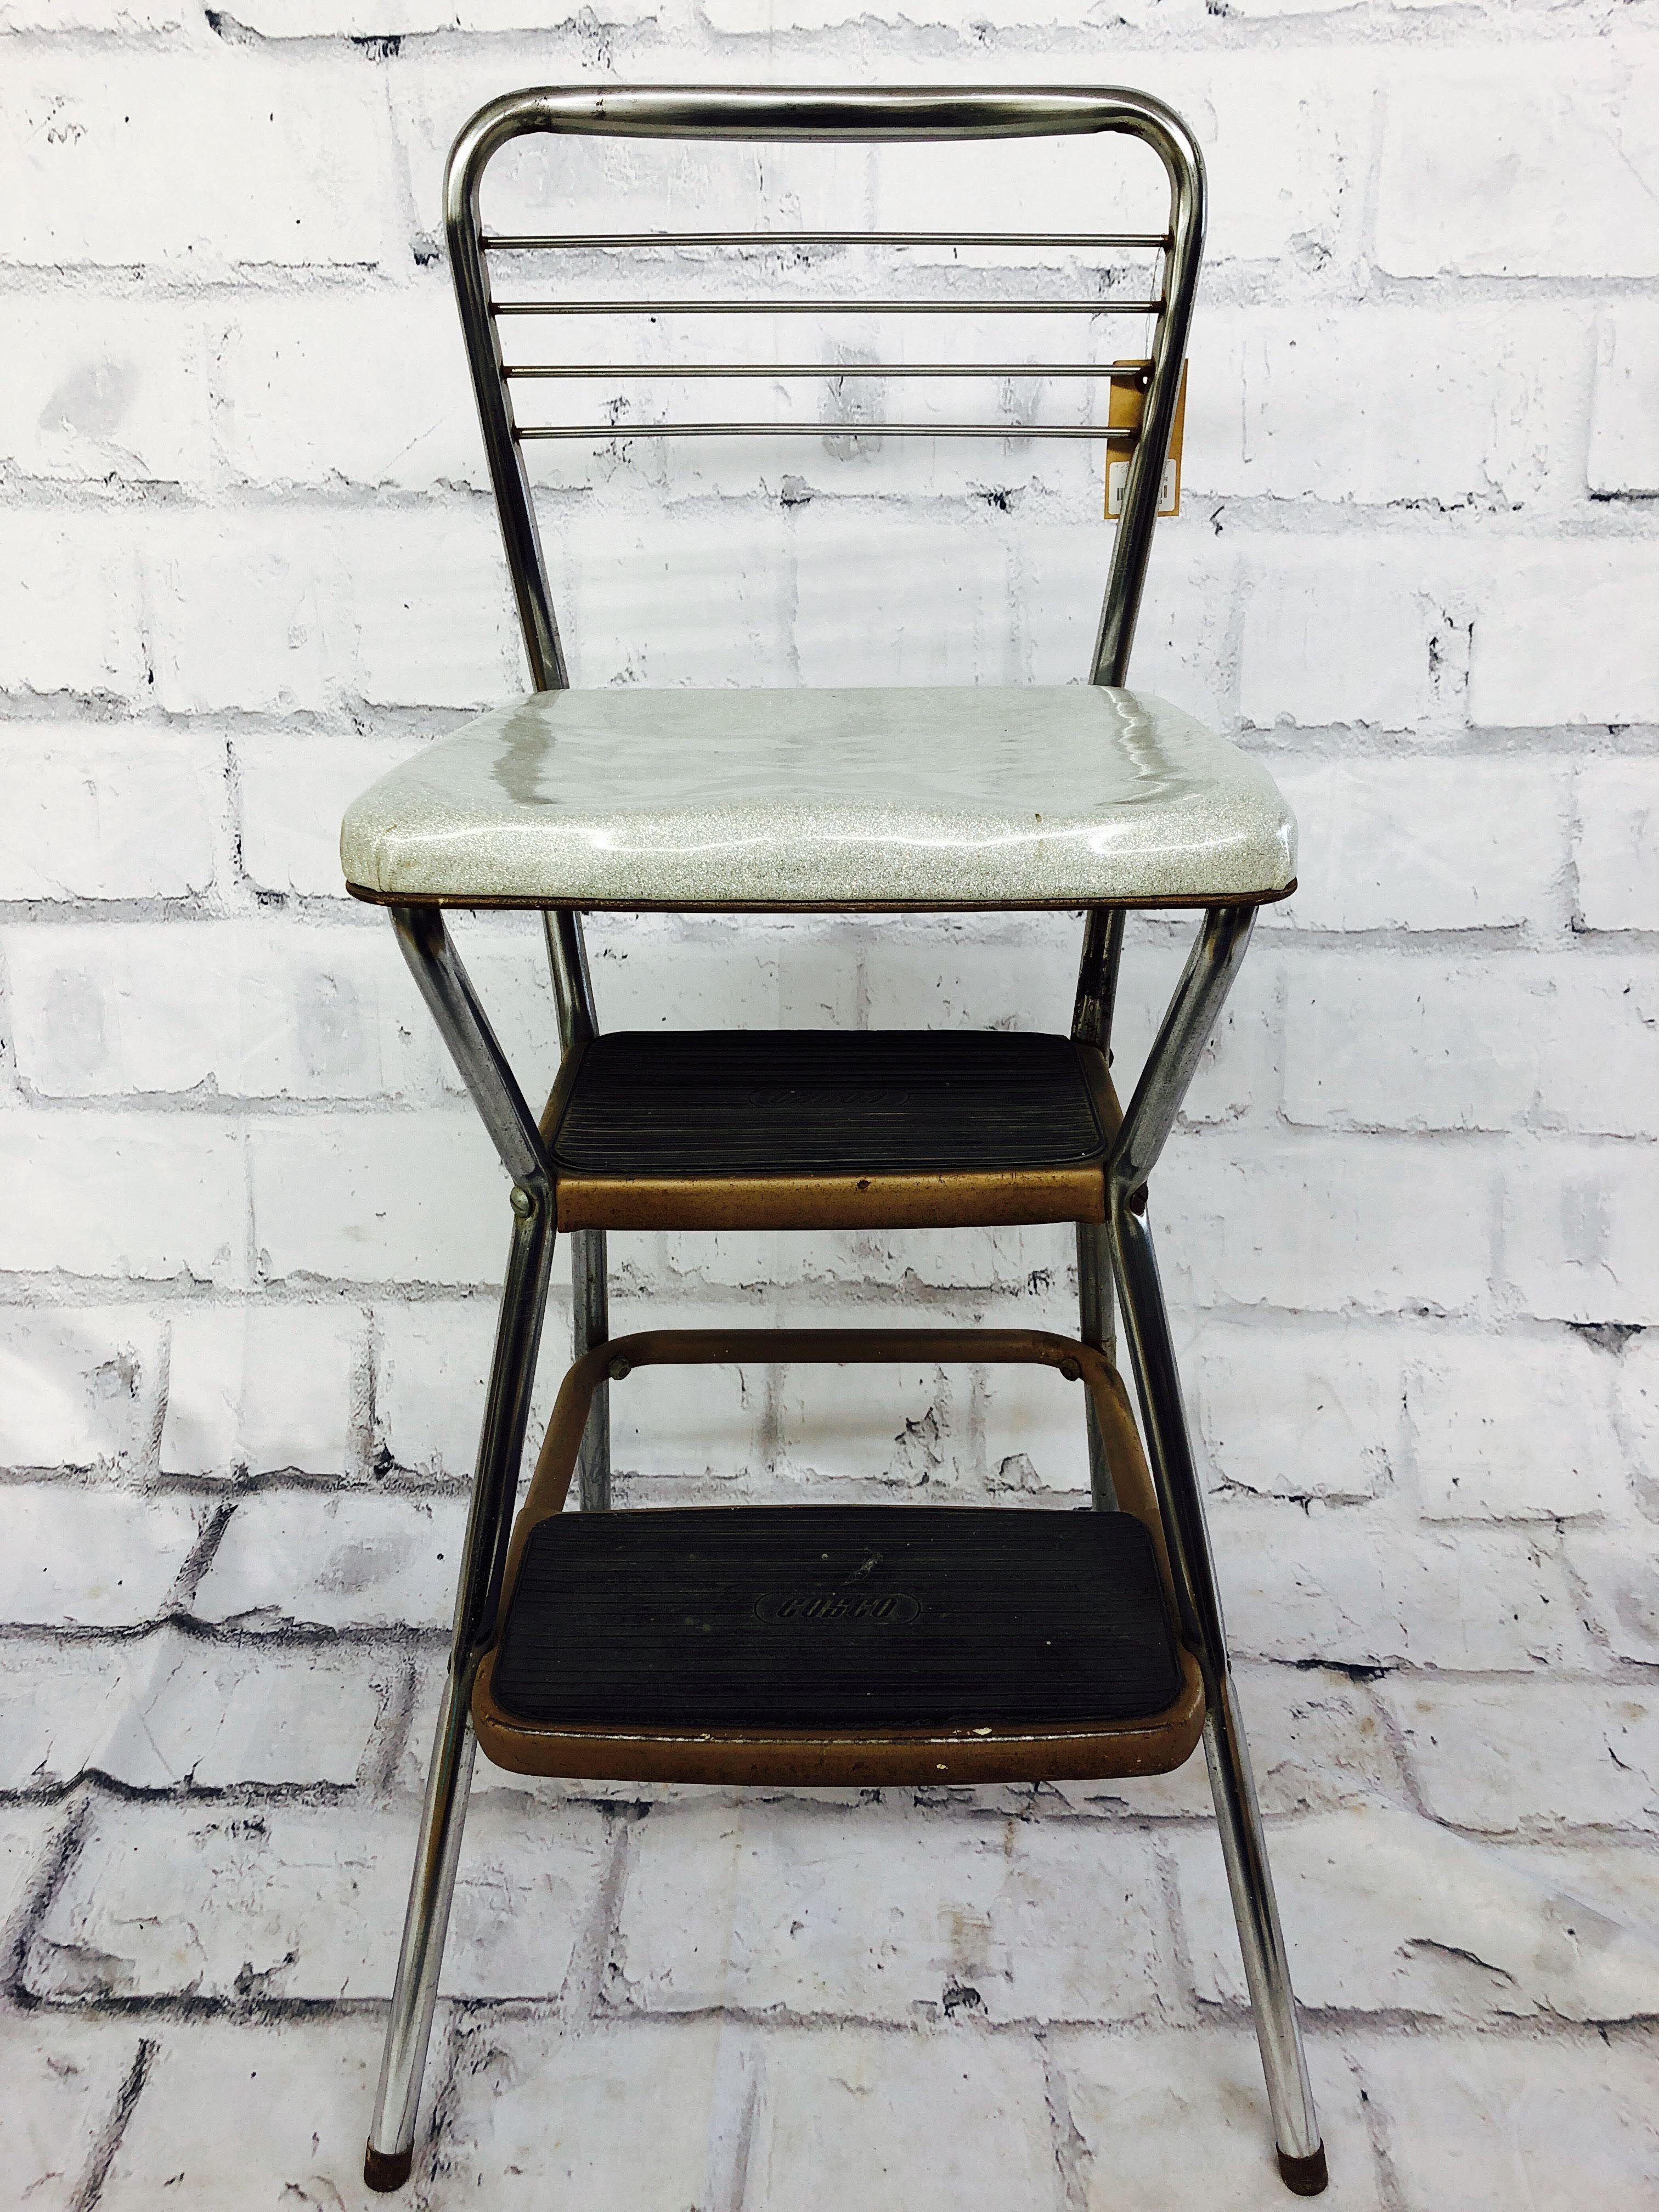 品番1423 ステップチェア インダストリアル COSCO シルバー 椅子 インテリア ディスプレイ アンティーク